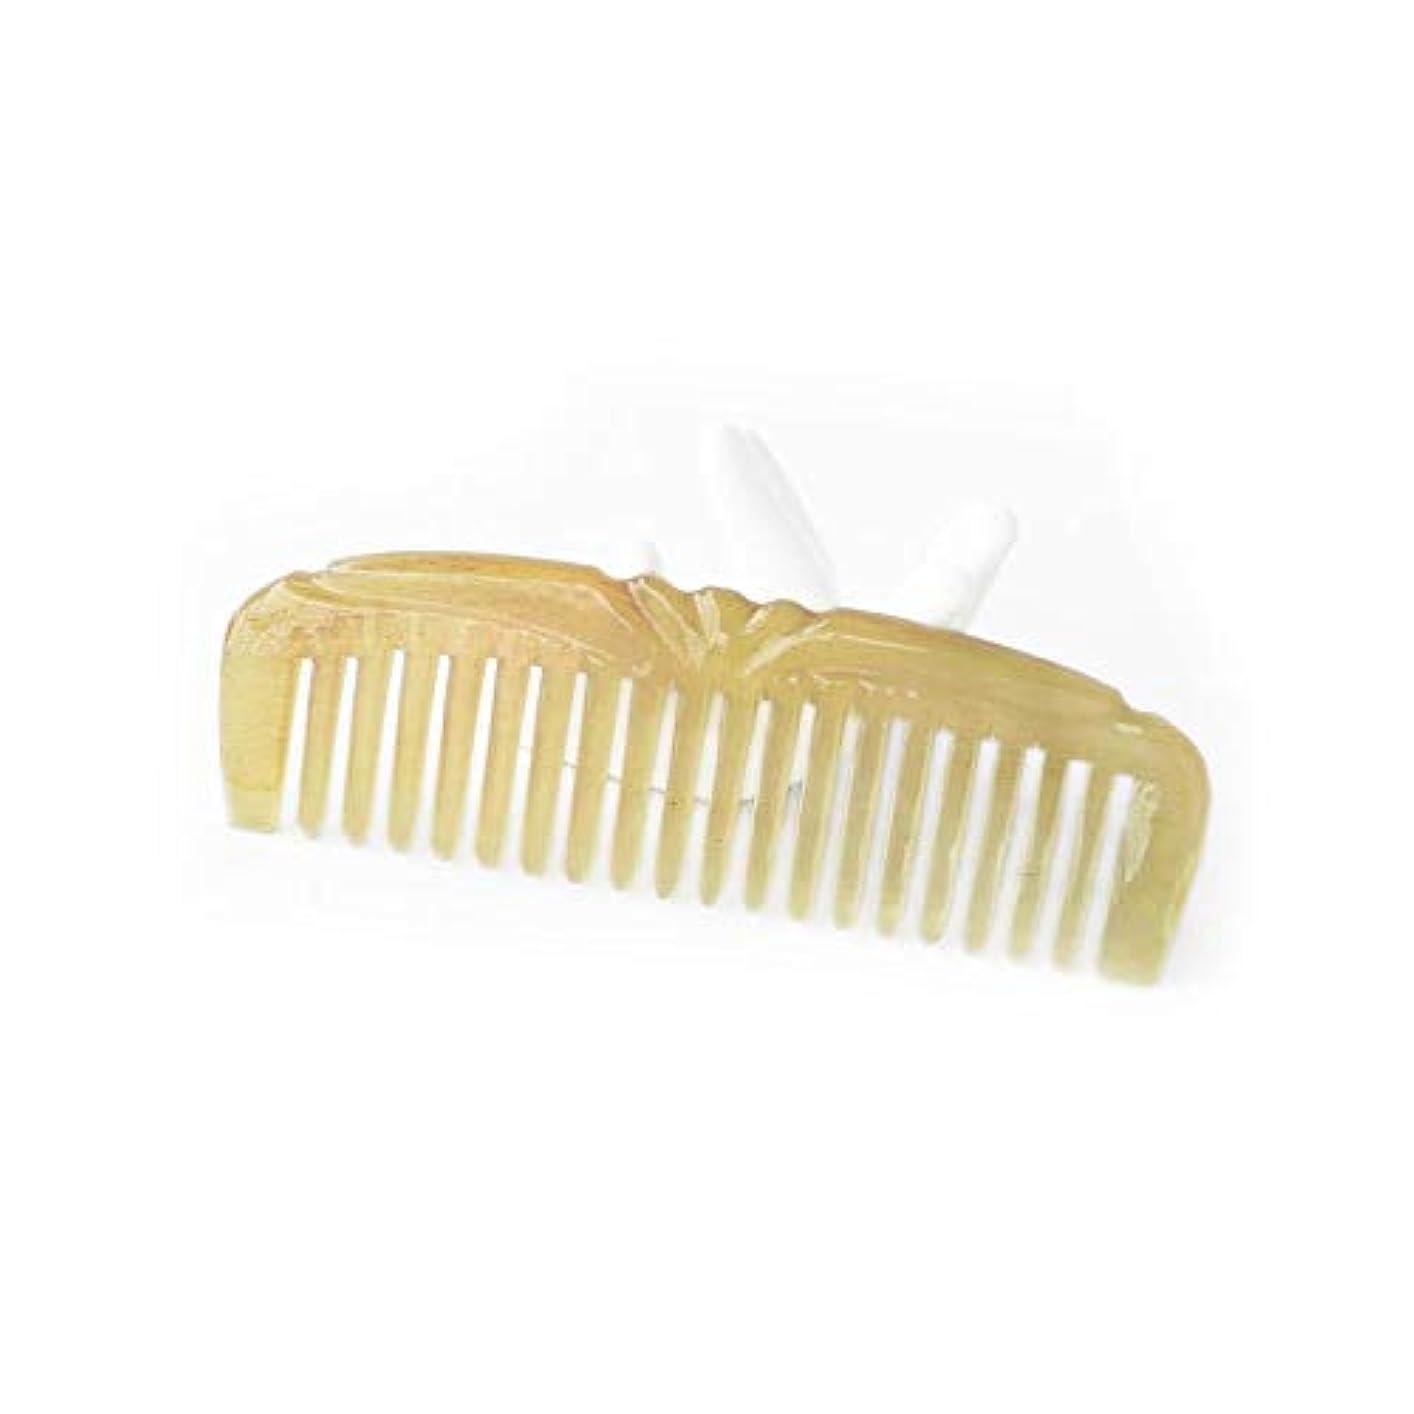 番号穿孔するシンプルさFashian手づくりナチュラルバッファローホーン櫛ムーンシェイプヘアブラシ(ワイド歯、歯ファイン) ヘアケア (色 : Fine tooth)